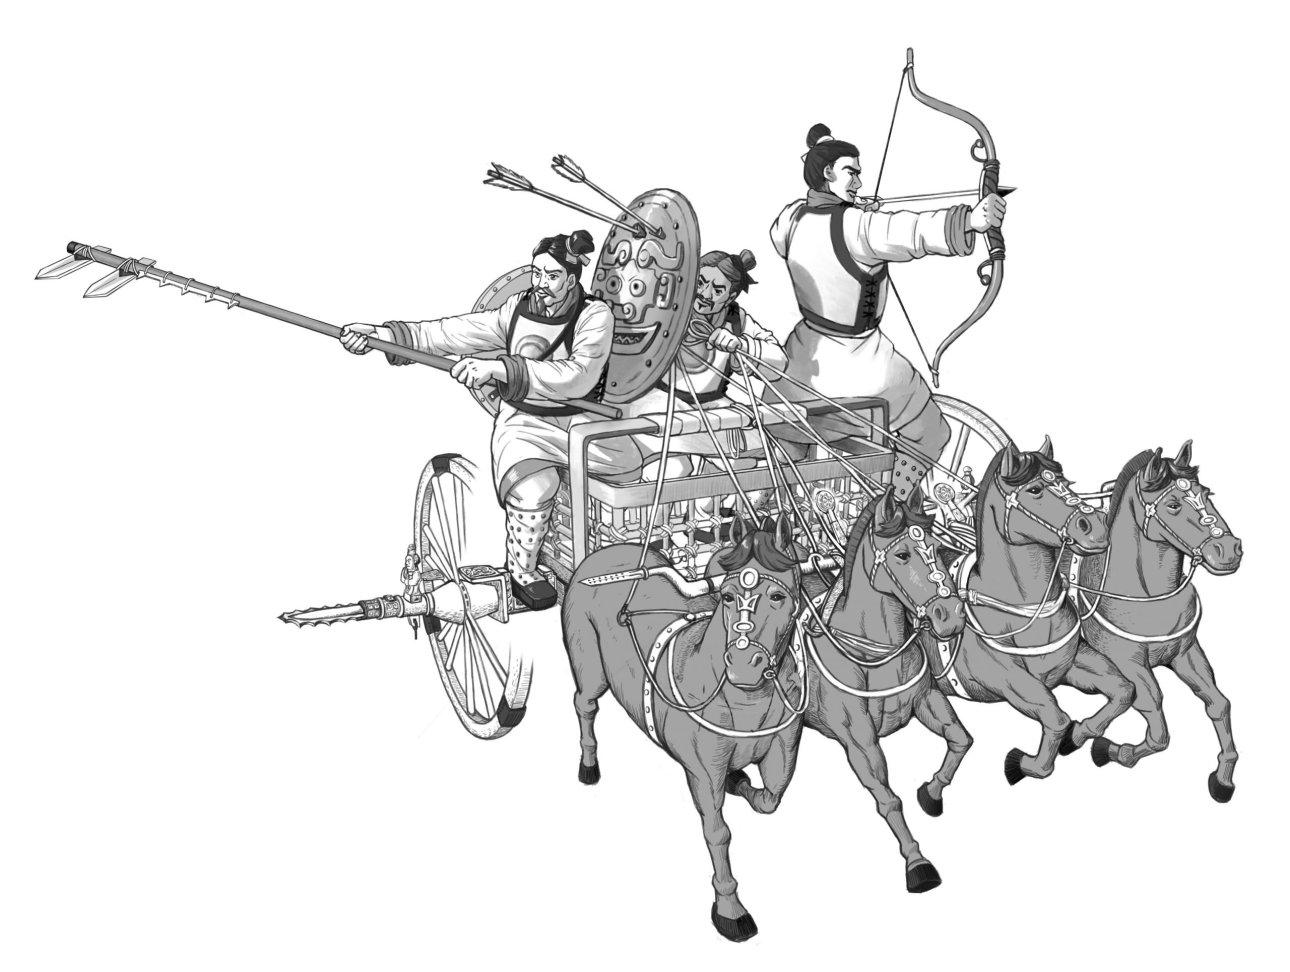 殷商時期馬車很稀少,推測是從歐亞草原傳入。死對頭周人從草原民族吸收造車技術,成為大戰時的秘密武器,一舉擊潰商軍,牧野之戰也就此揭開了車戰時代的序幕。圖為西周車戰示意圖。圖│中研院歷史語言研究所